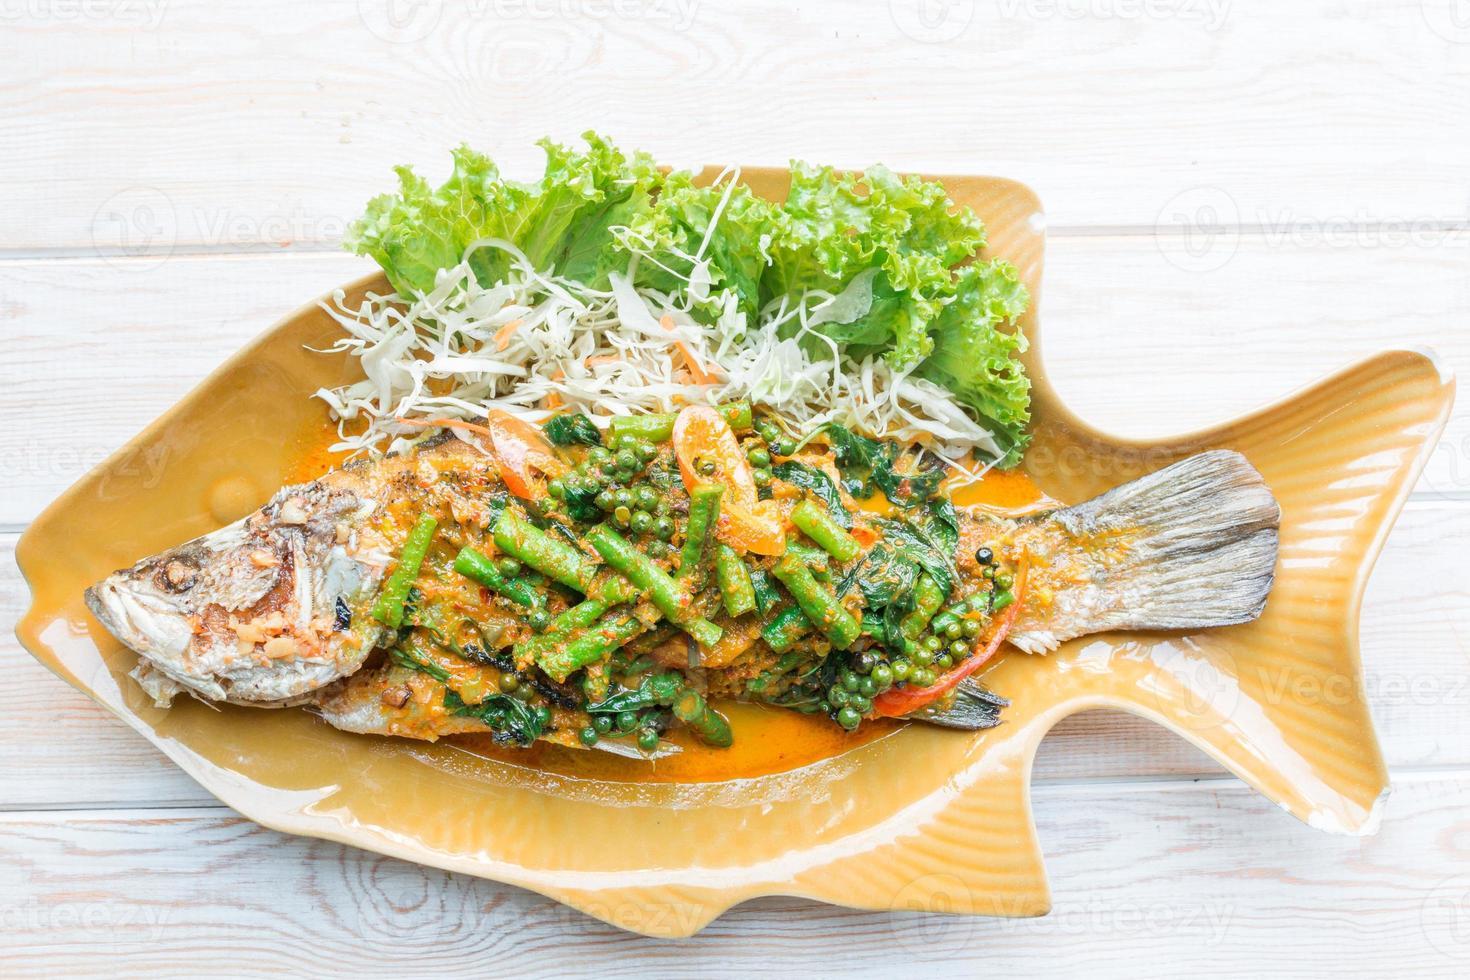 kryddig havsabborre soppad, ångad fisk i thailändsk stil foto